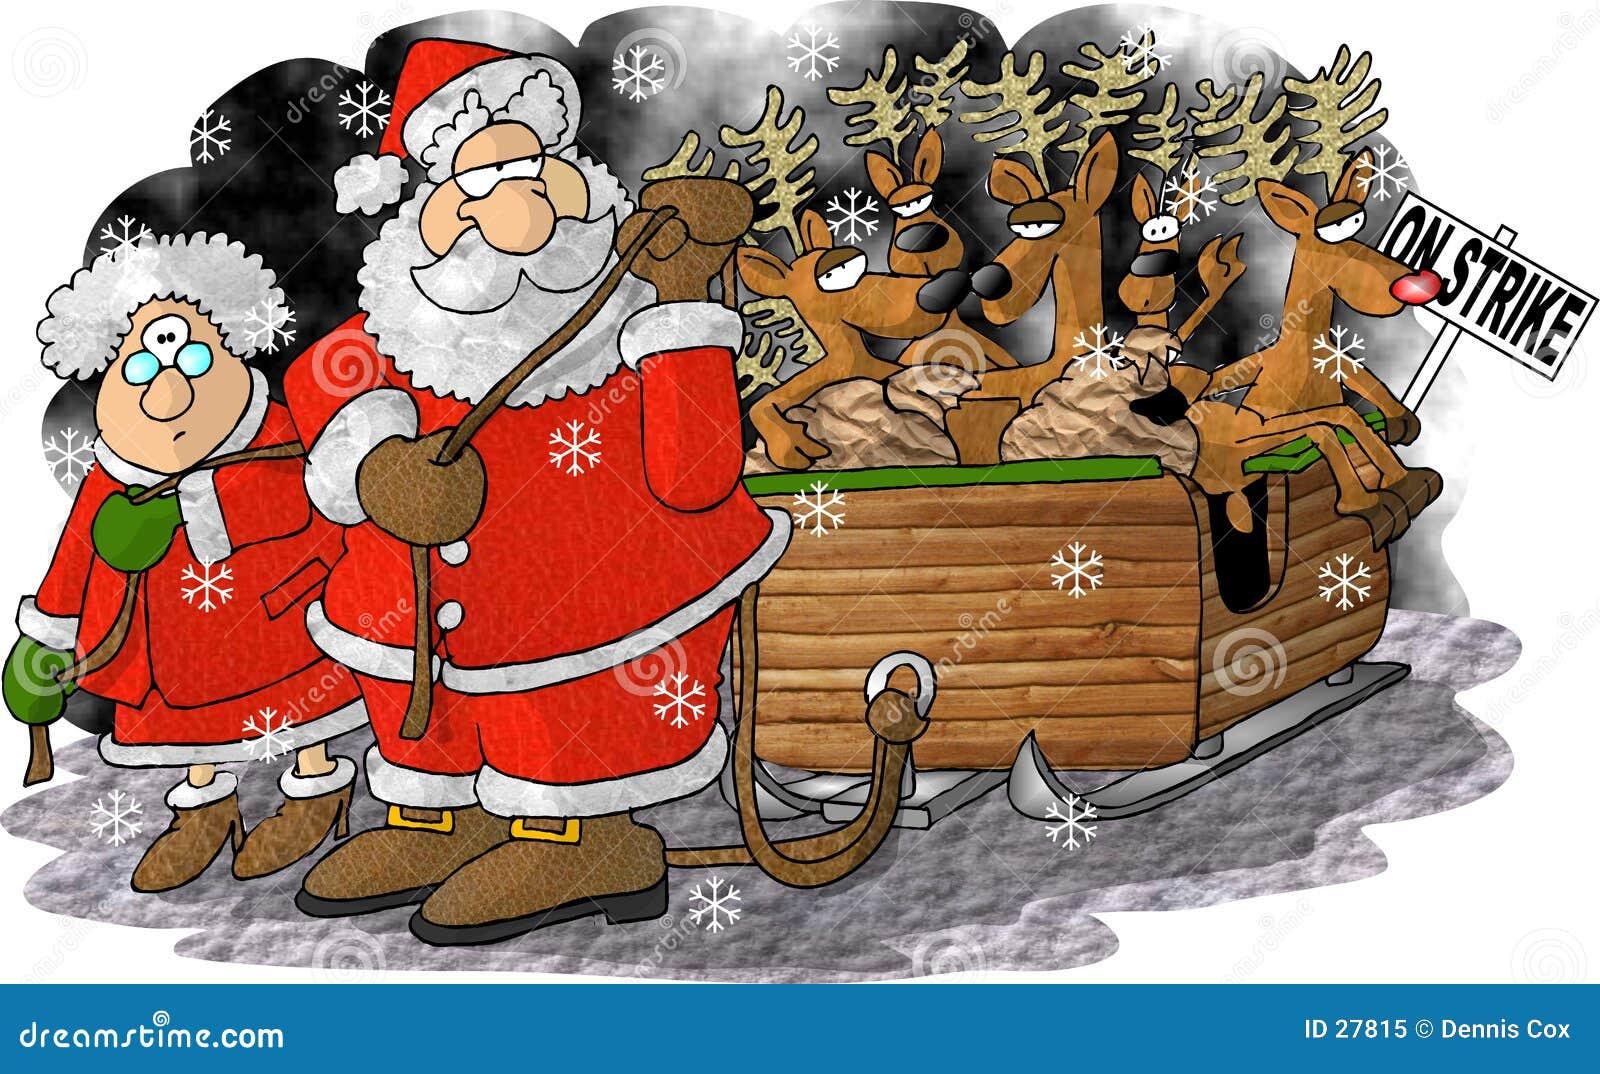 Reindeer on Strike